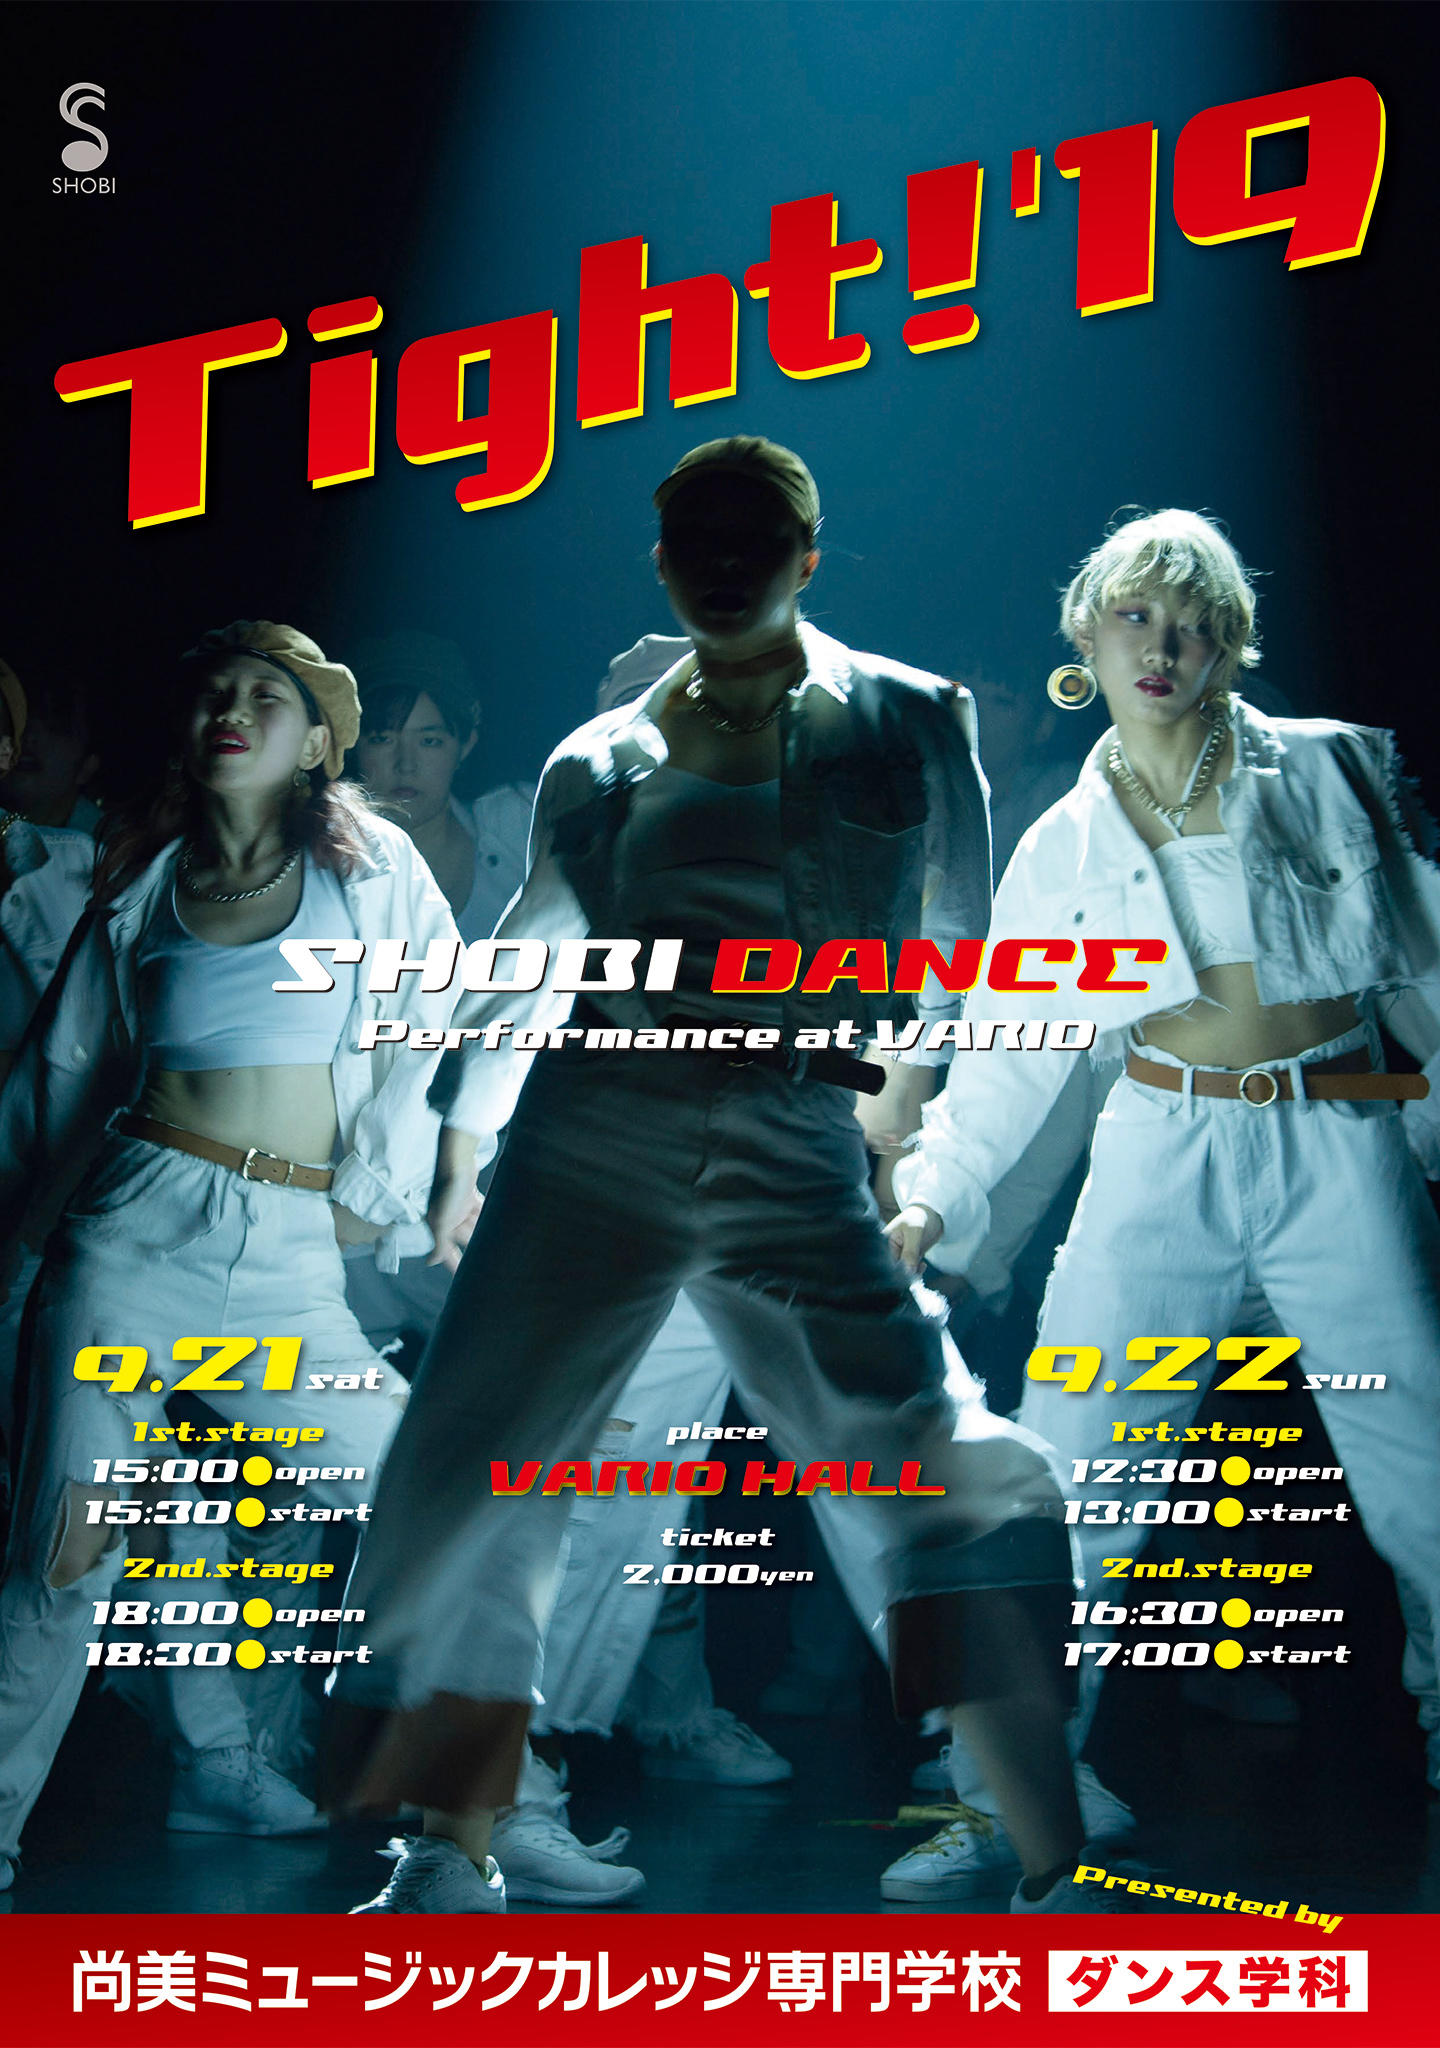 【9月21日・22日開催】毎年大好評のエネルギッシュなダンス公演!SHOBI DANCE Performance at VARIO「Tight!'19」